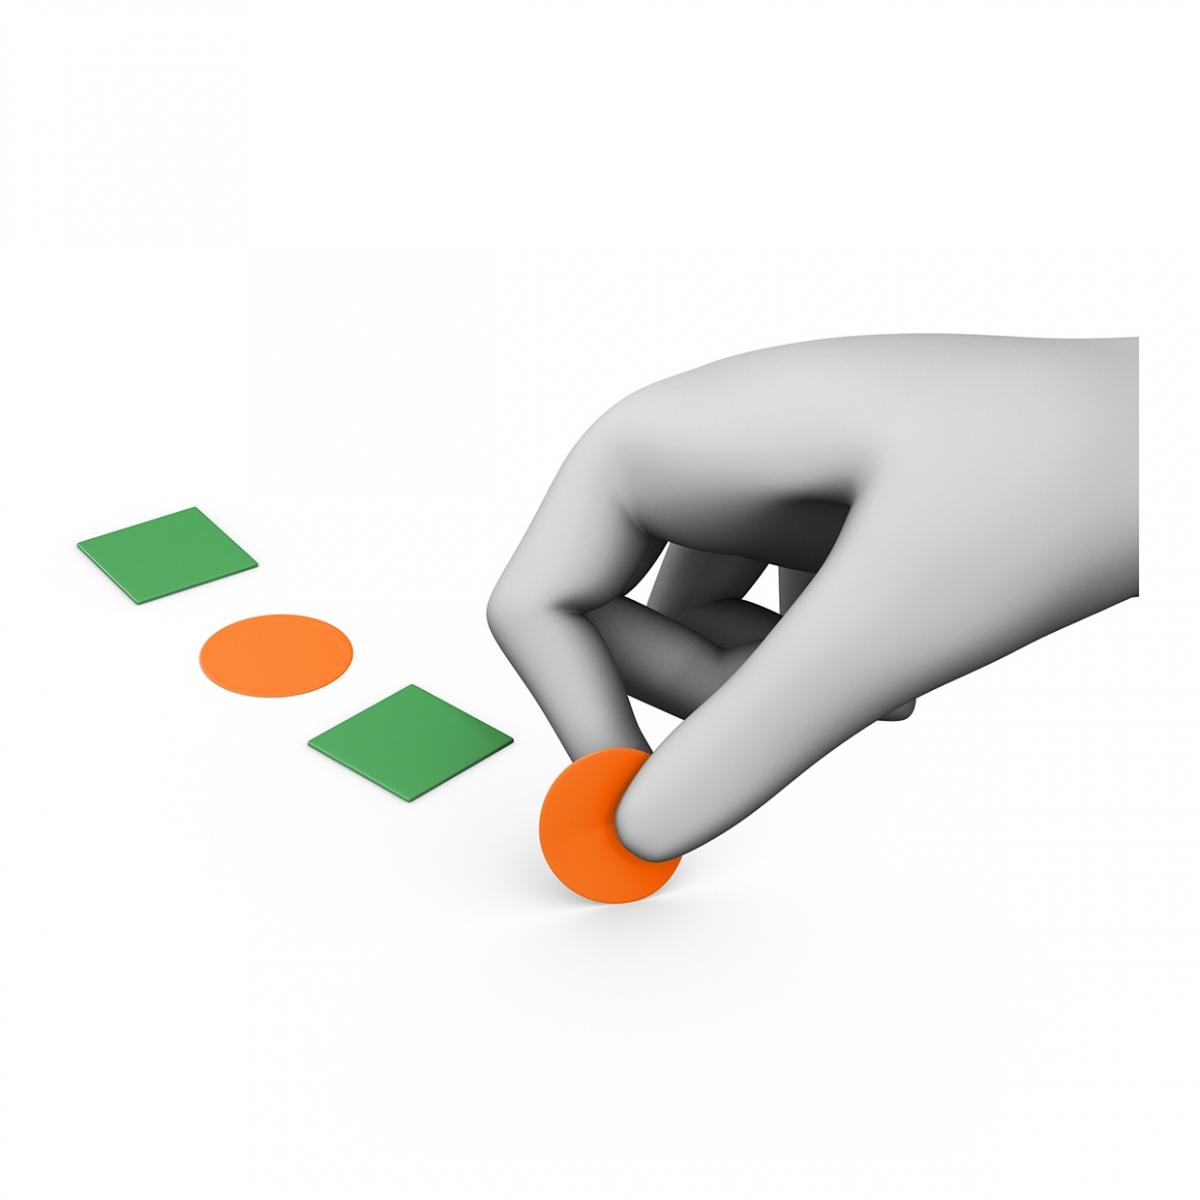 Imagen en la que se ve una mano poniendo gomets